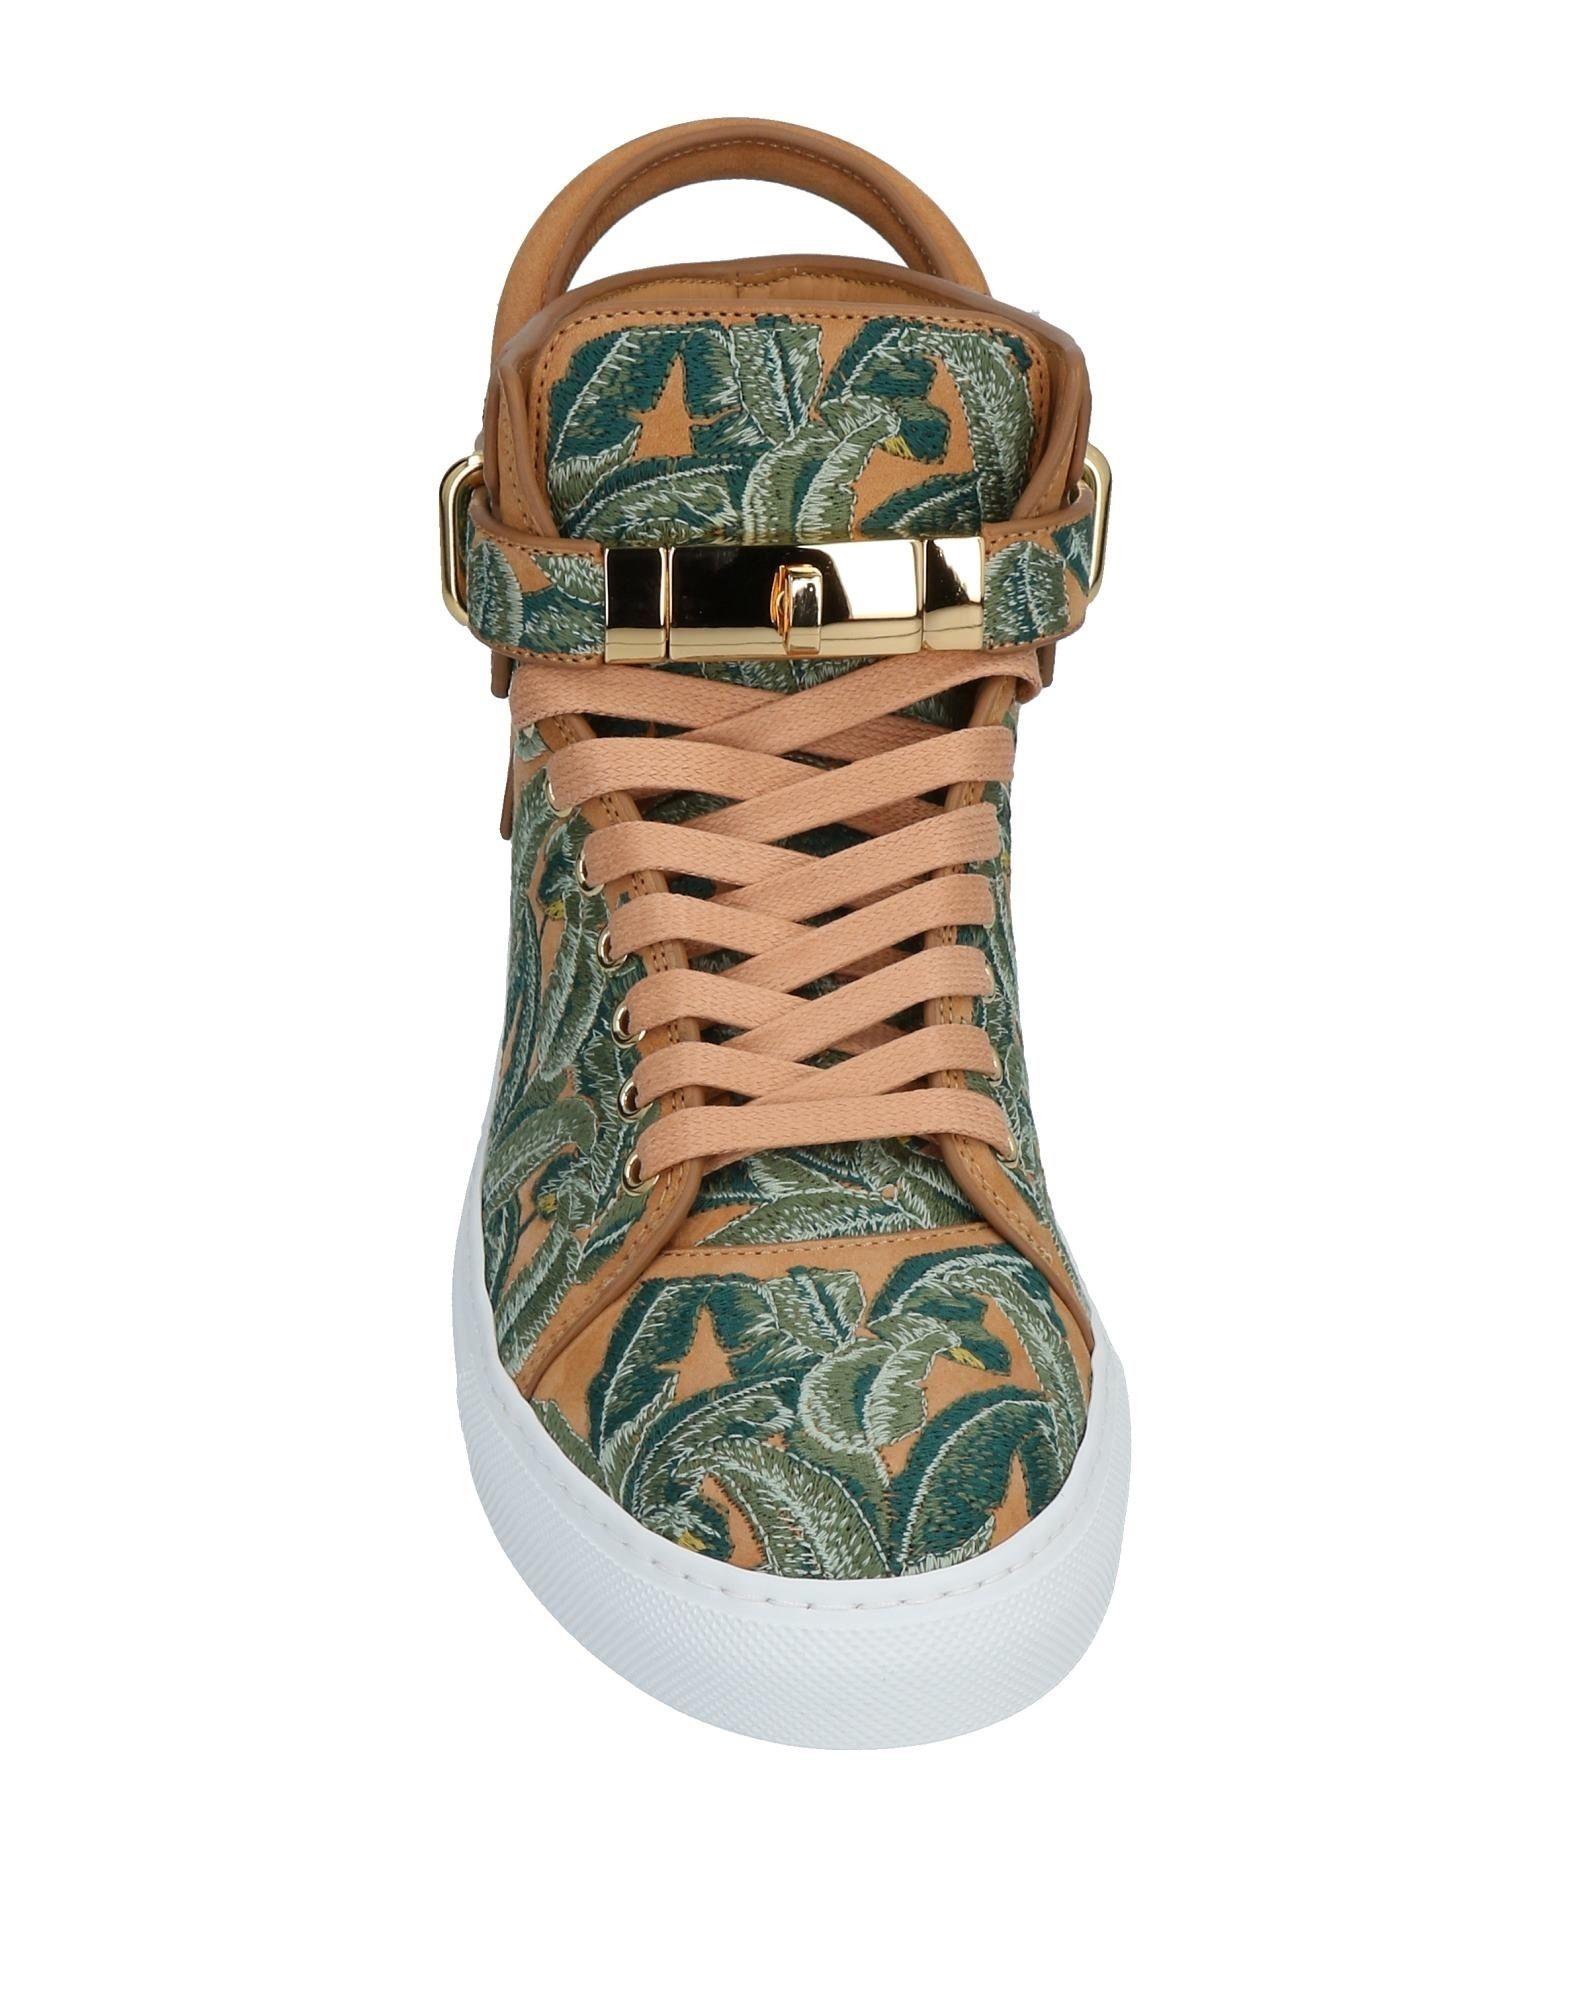 Buscemi Sneakers Herren es Gutes Preis-Leistungs-Verhältnis, es Herren lohnt sich a00165